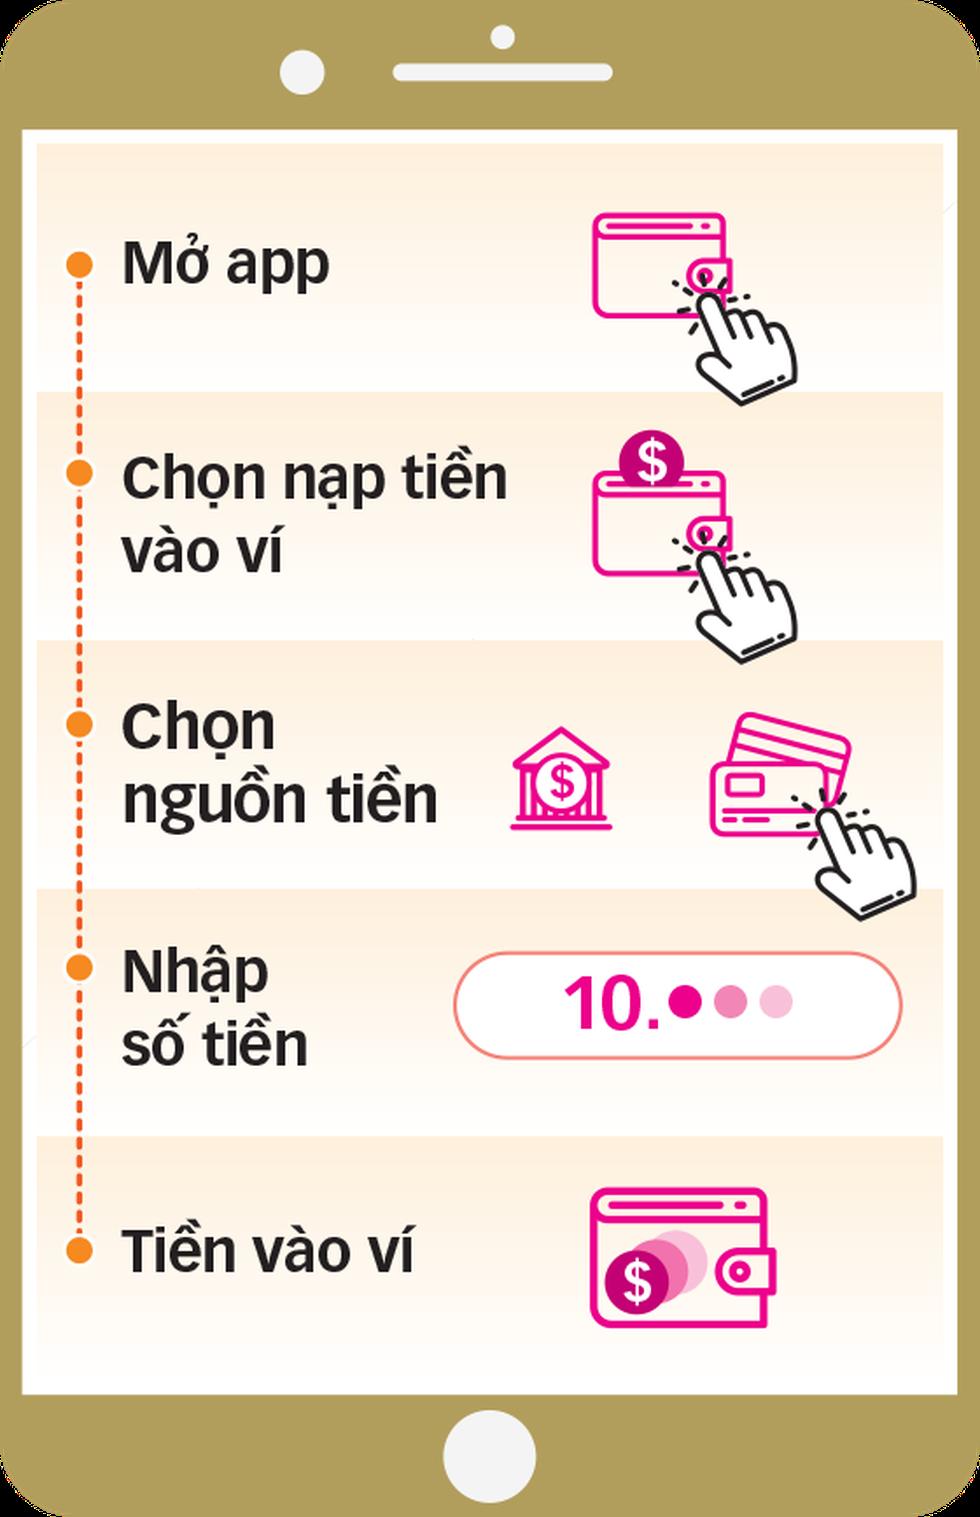 Trả tiền điện, nước, bảo hiểm, mua vé số... bằng ví điện tử - Ảnh 4.